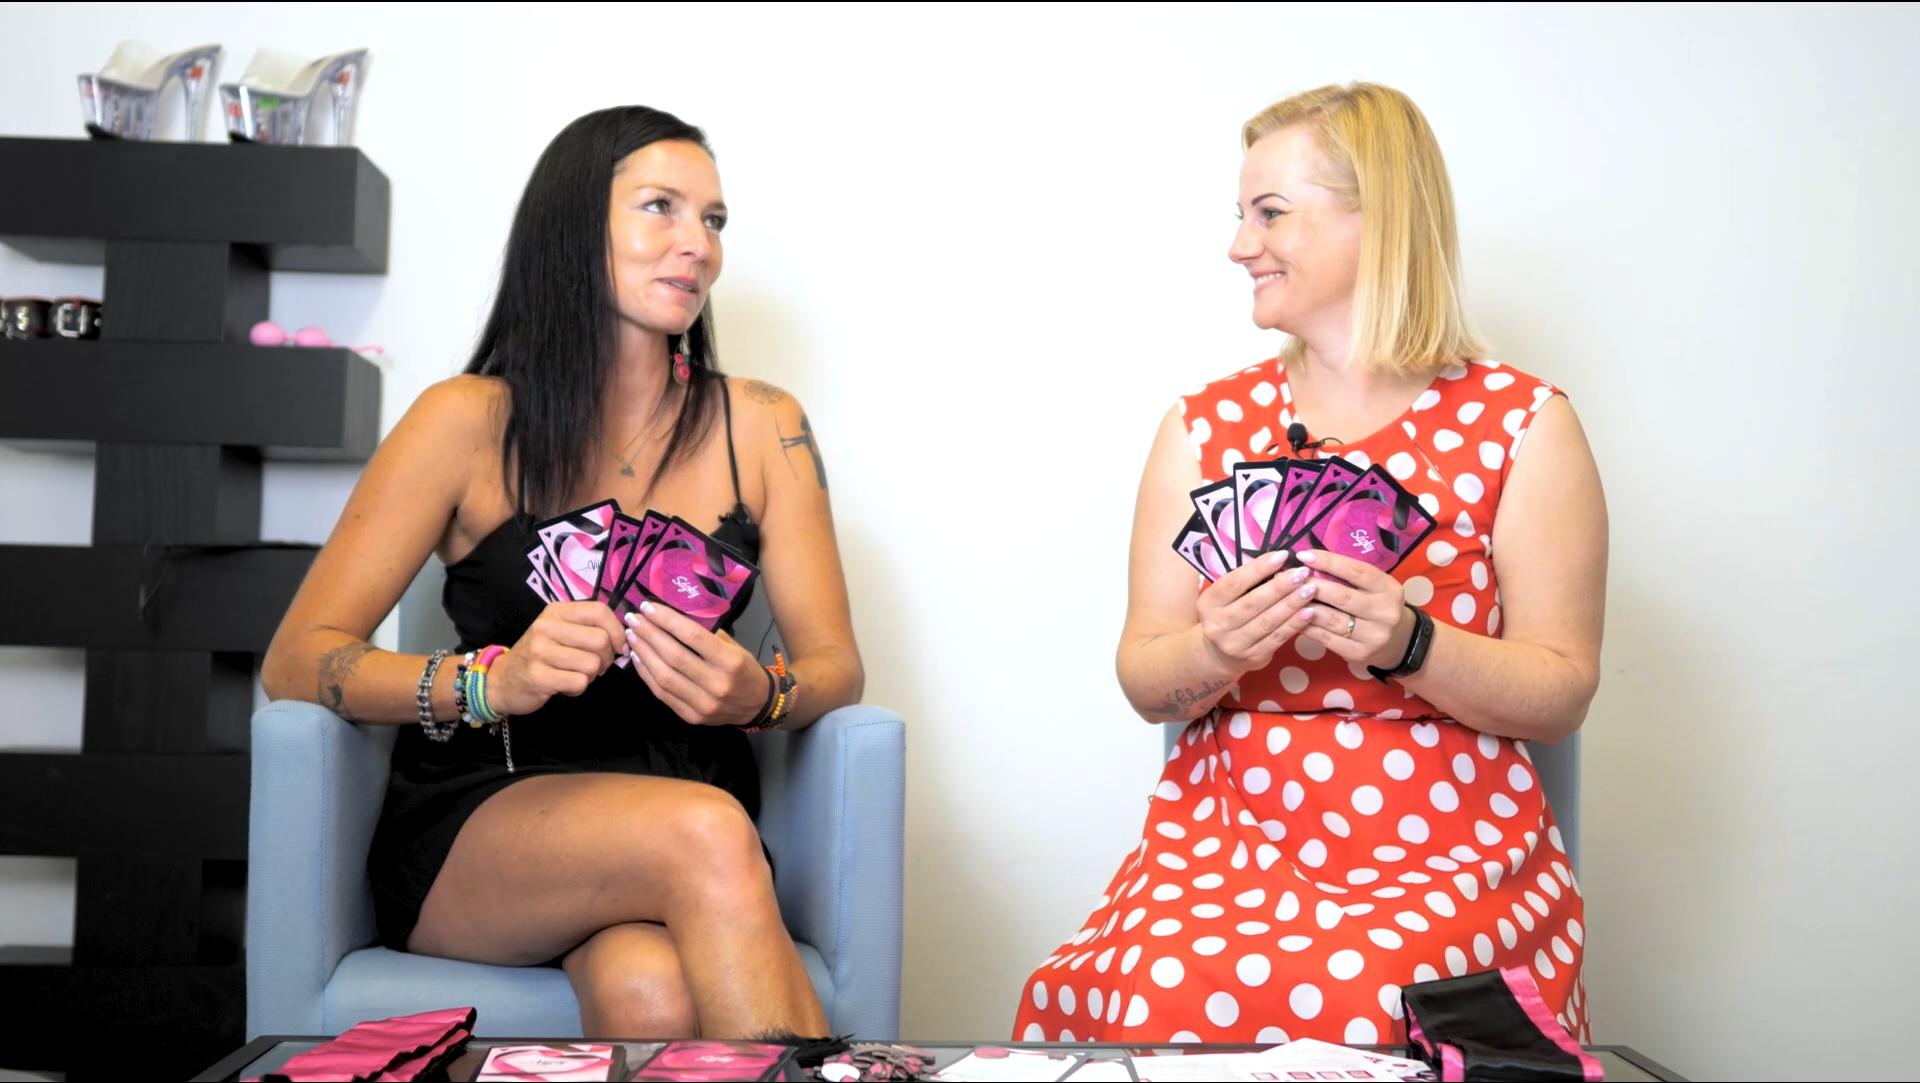 video: Verča s Domčou a Albi Nespoutané laškování – erotická stolní hra